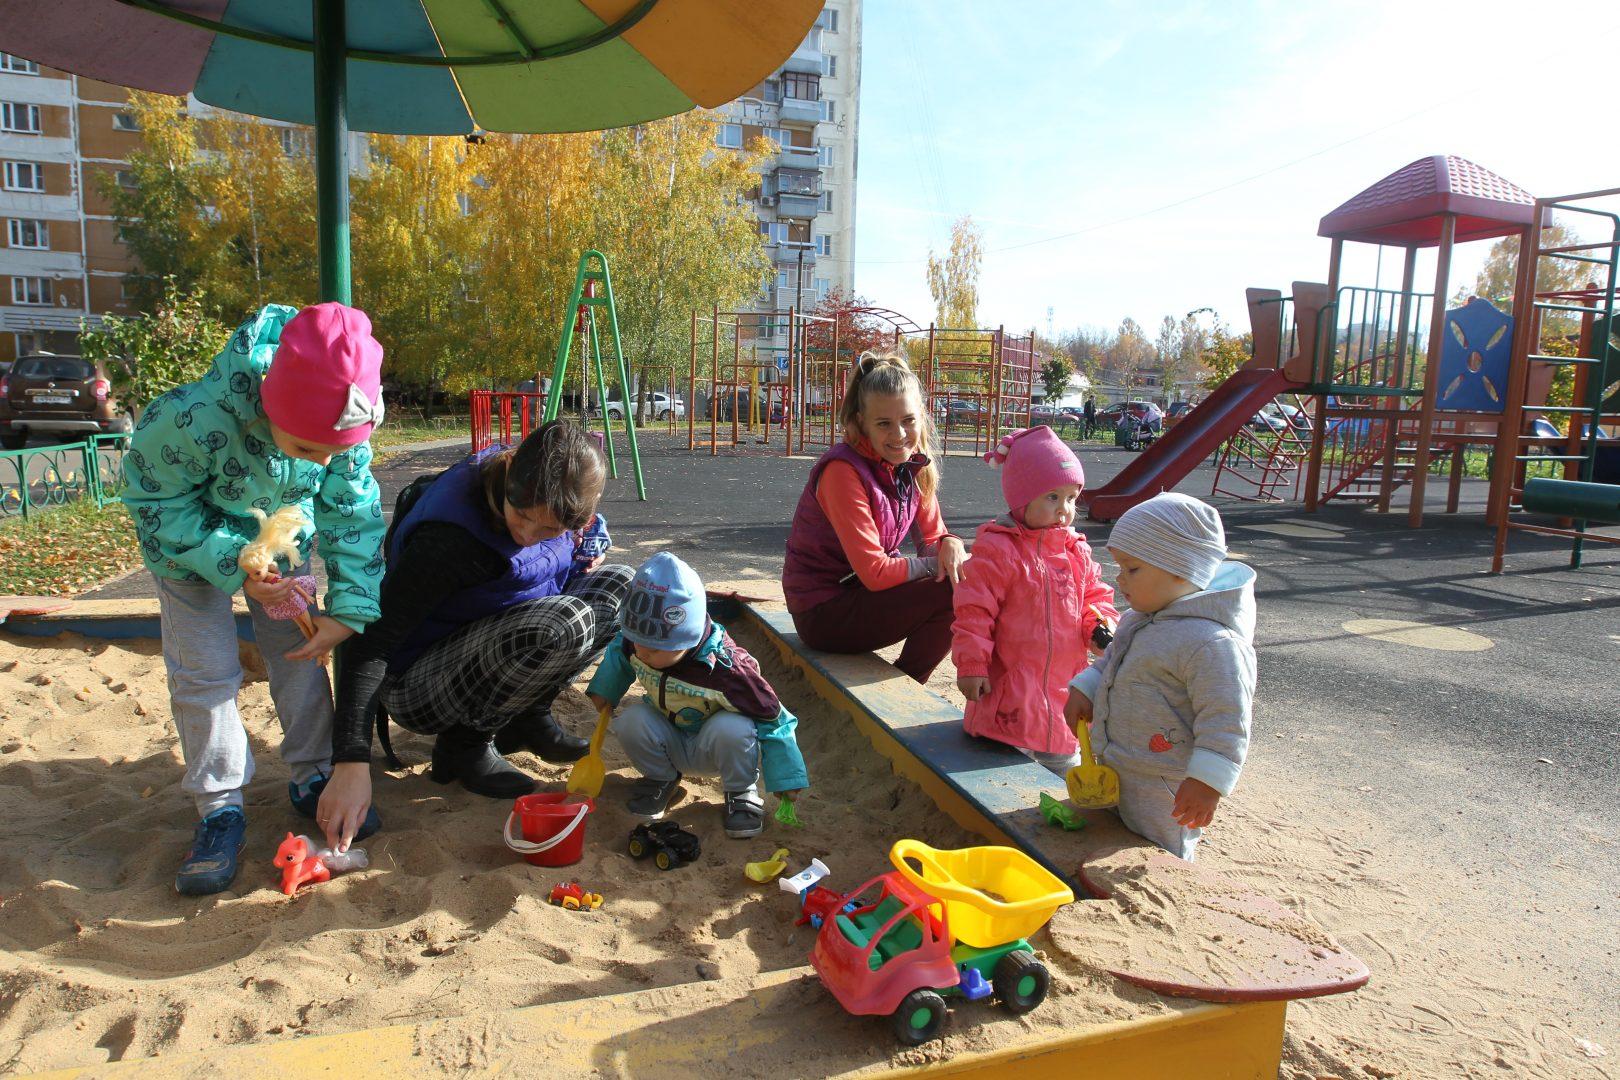 16 октября 2018 года. Десеновское. В песочнице на детской площадке на улице Дмитрия Рябинкина заменили песок. Теперь играть малышам не только весело, но и безопасно. Фото: Владимир Смоляков